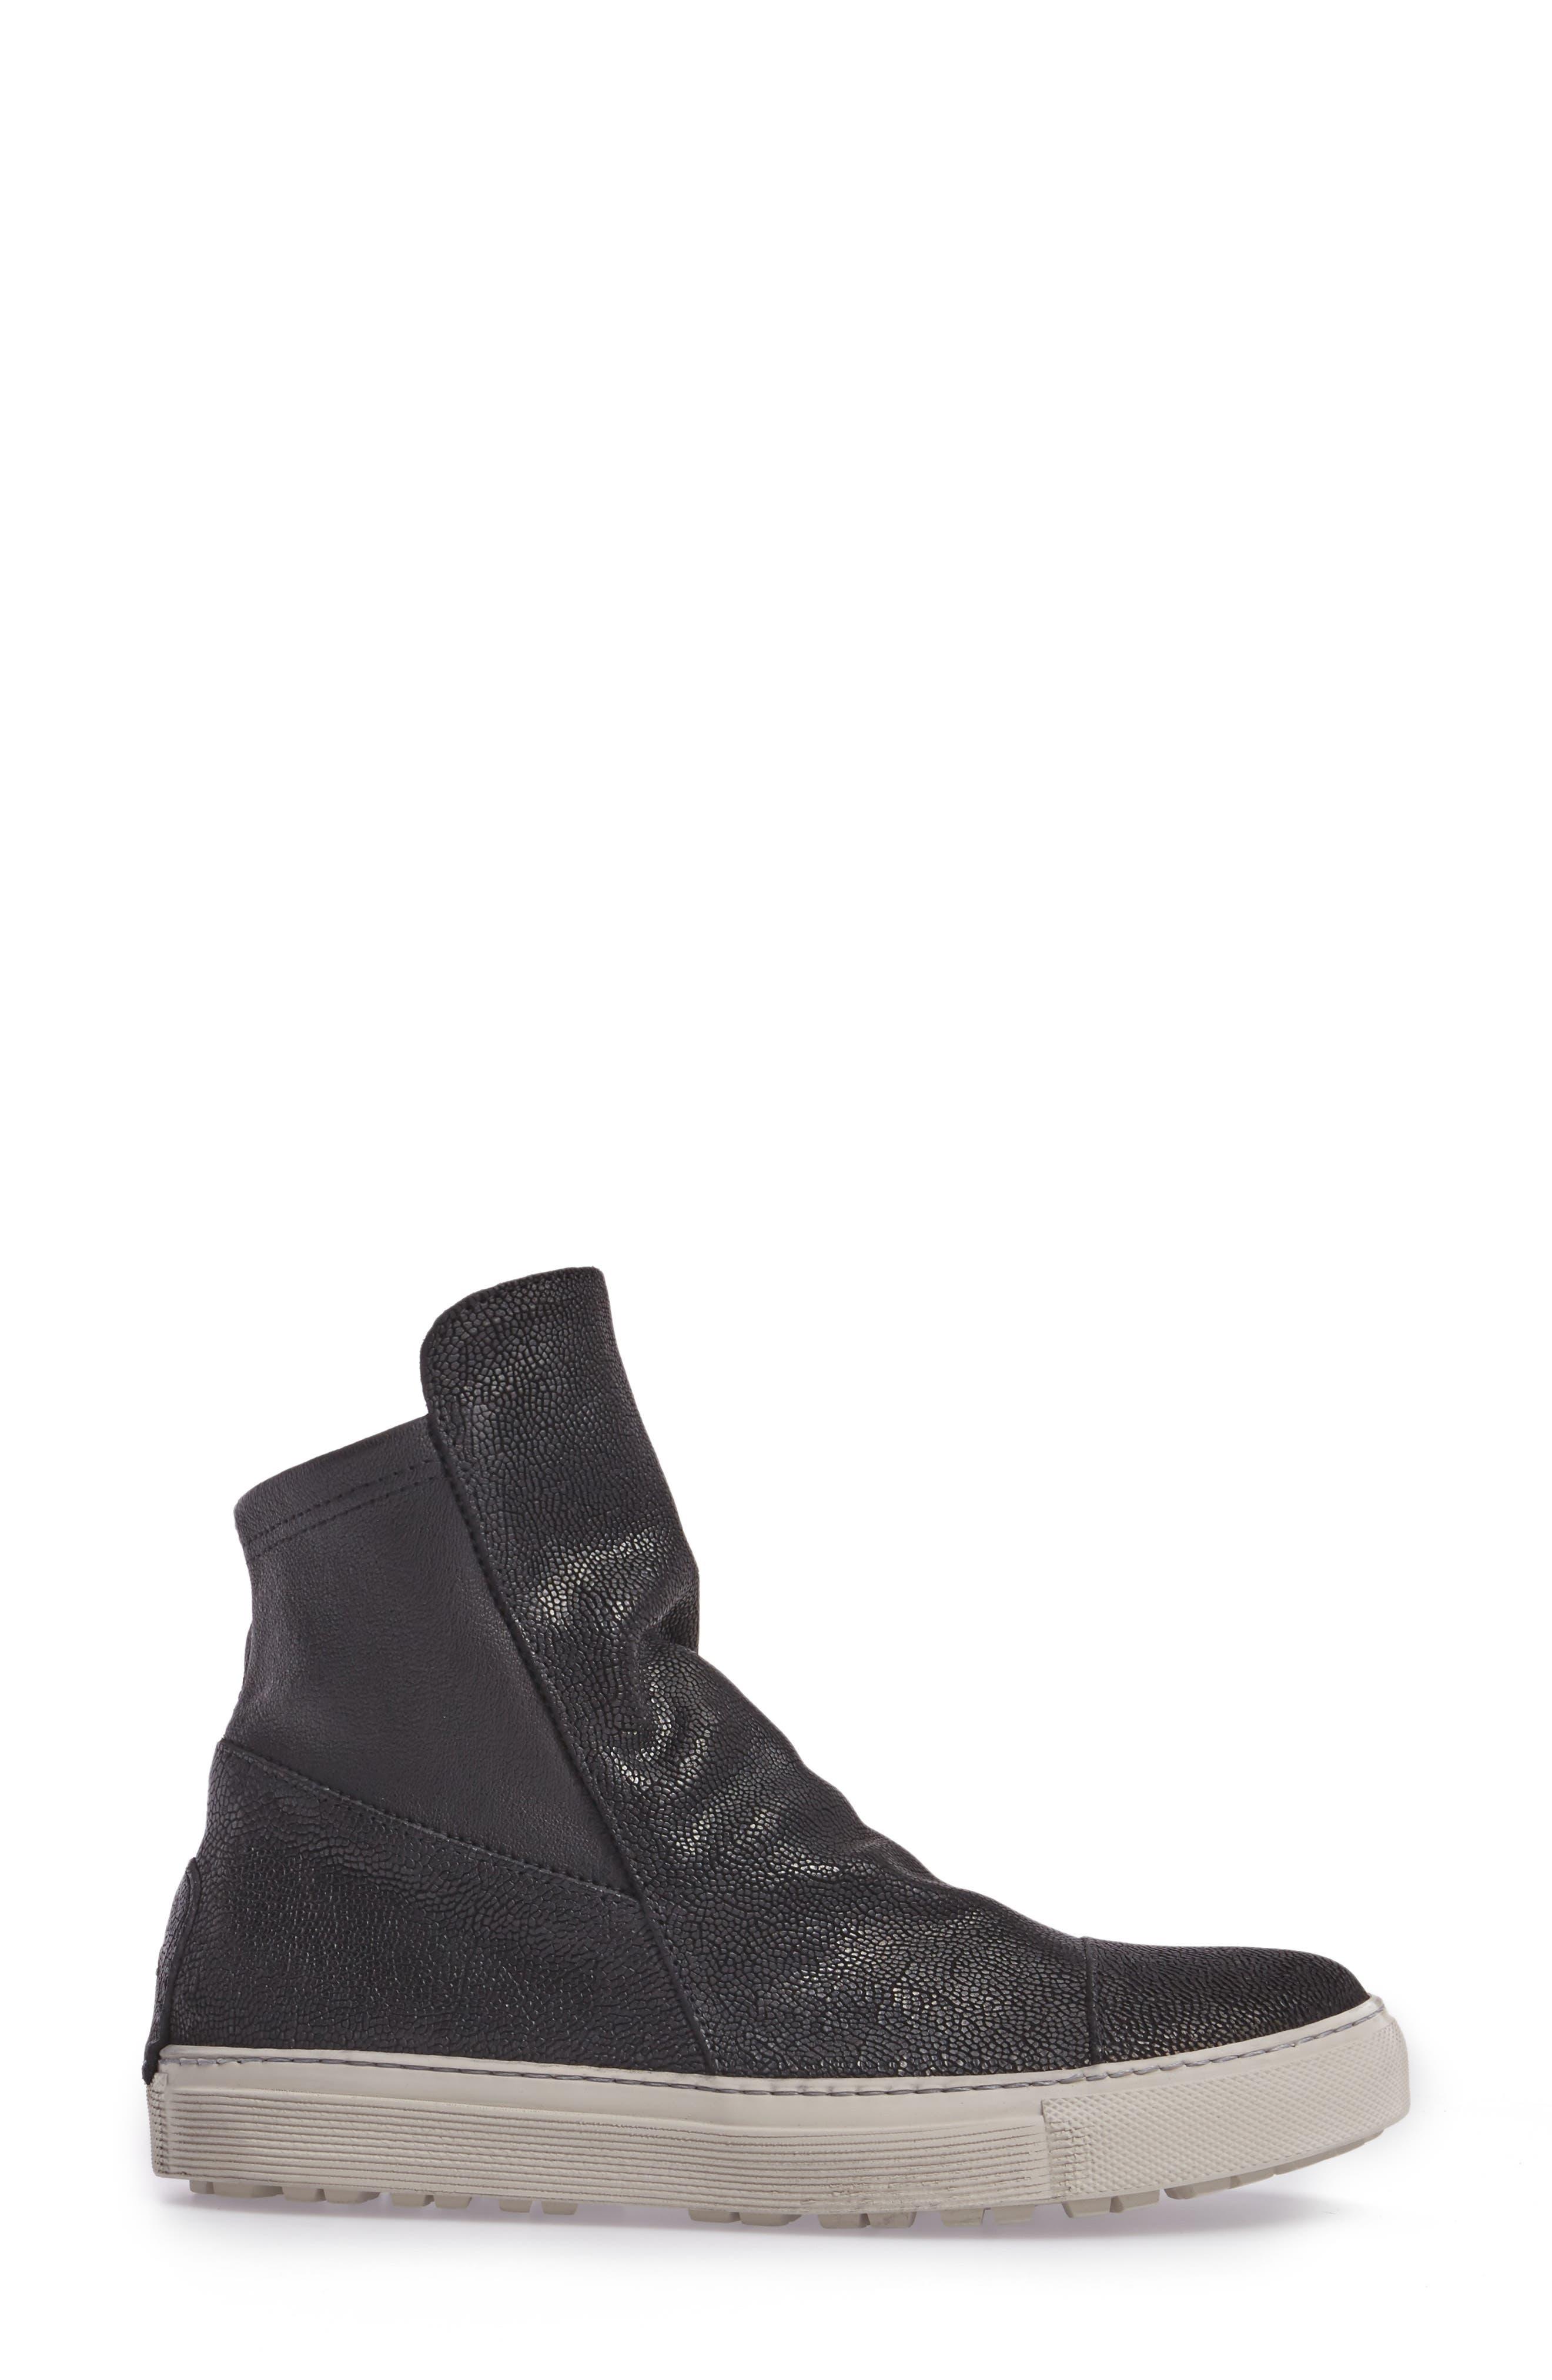 Fiorentini & Baker Bret Boot,                             Alternate thumbnail 3, color,                             001